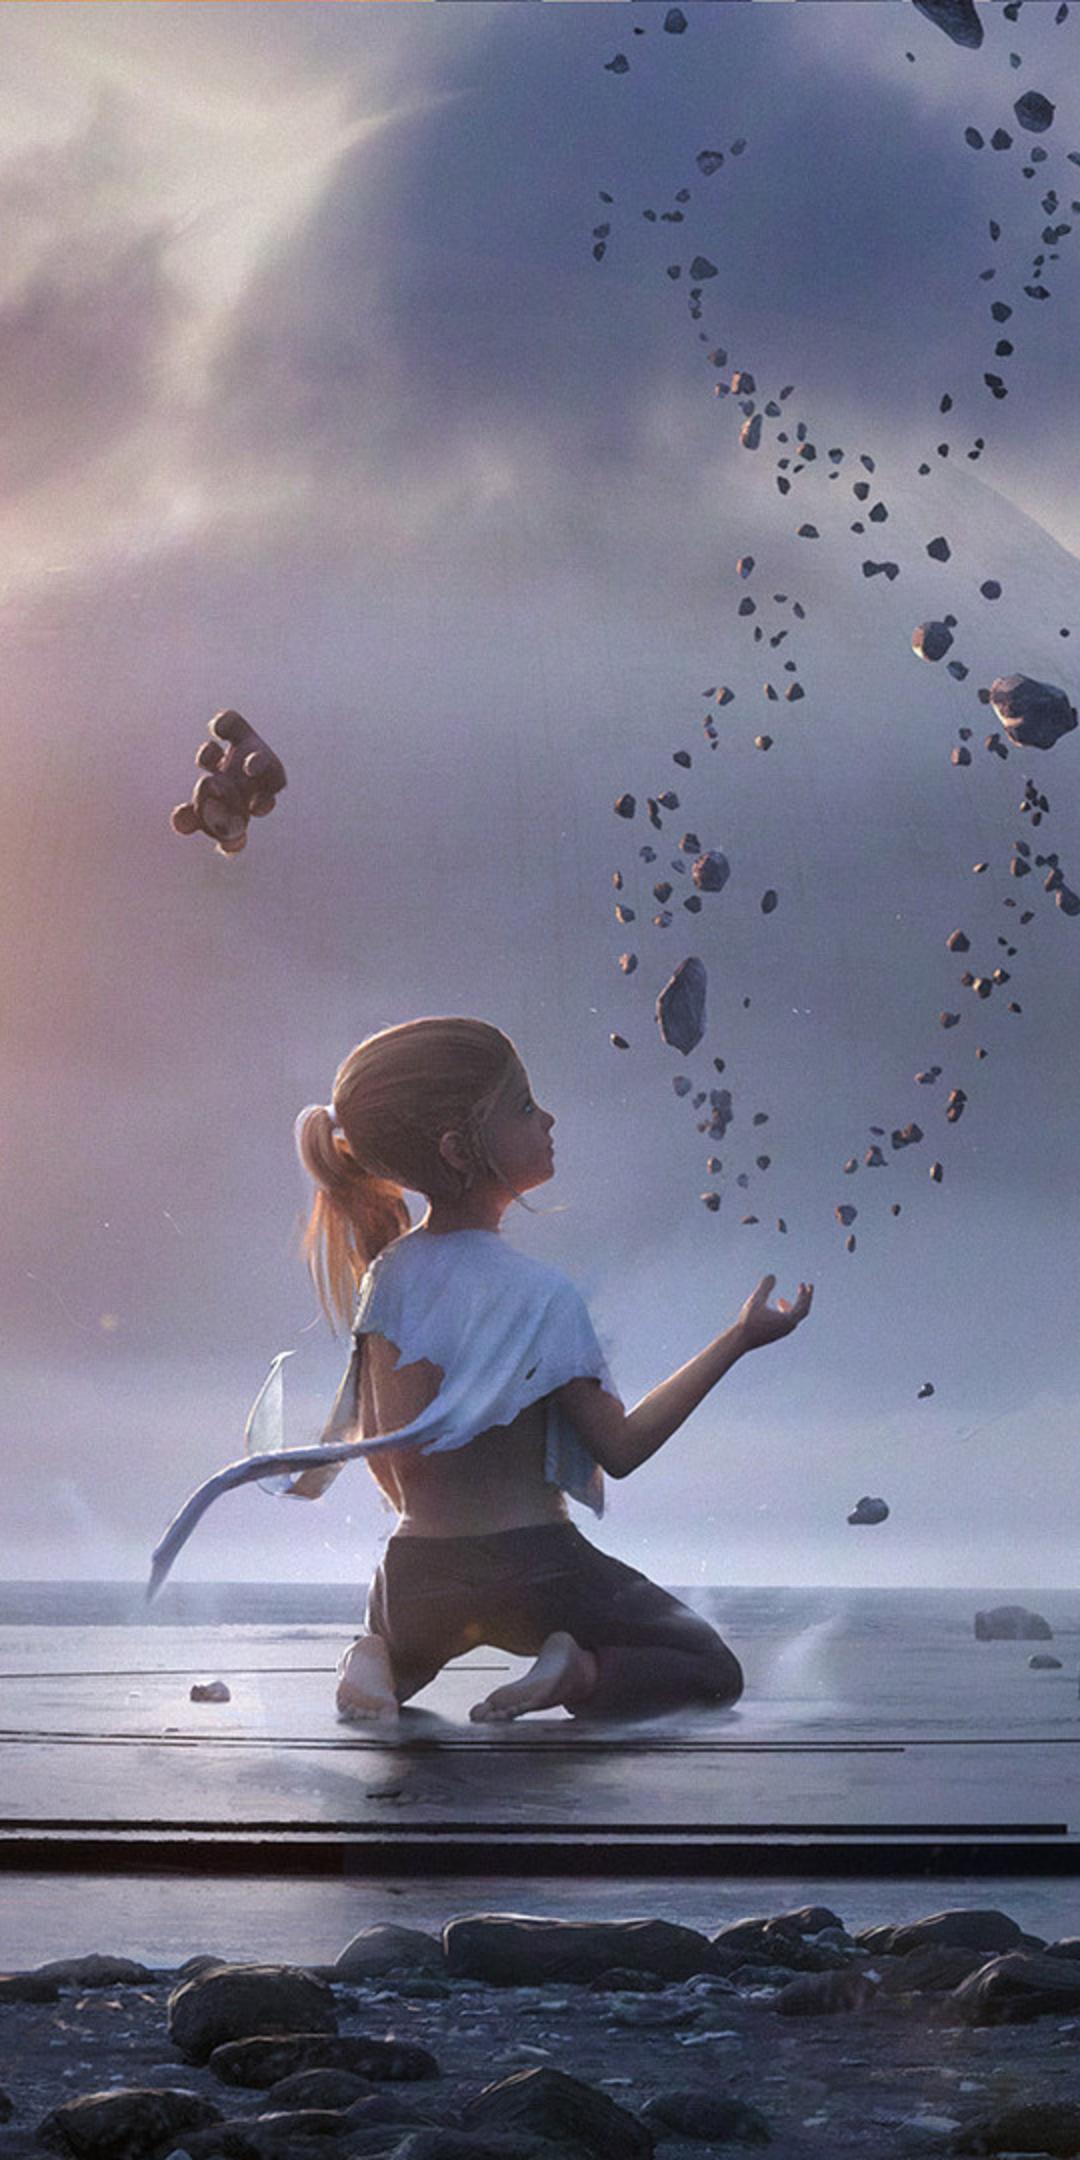 little-girl-dream-artwork-ql.jpg